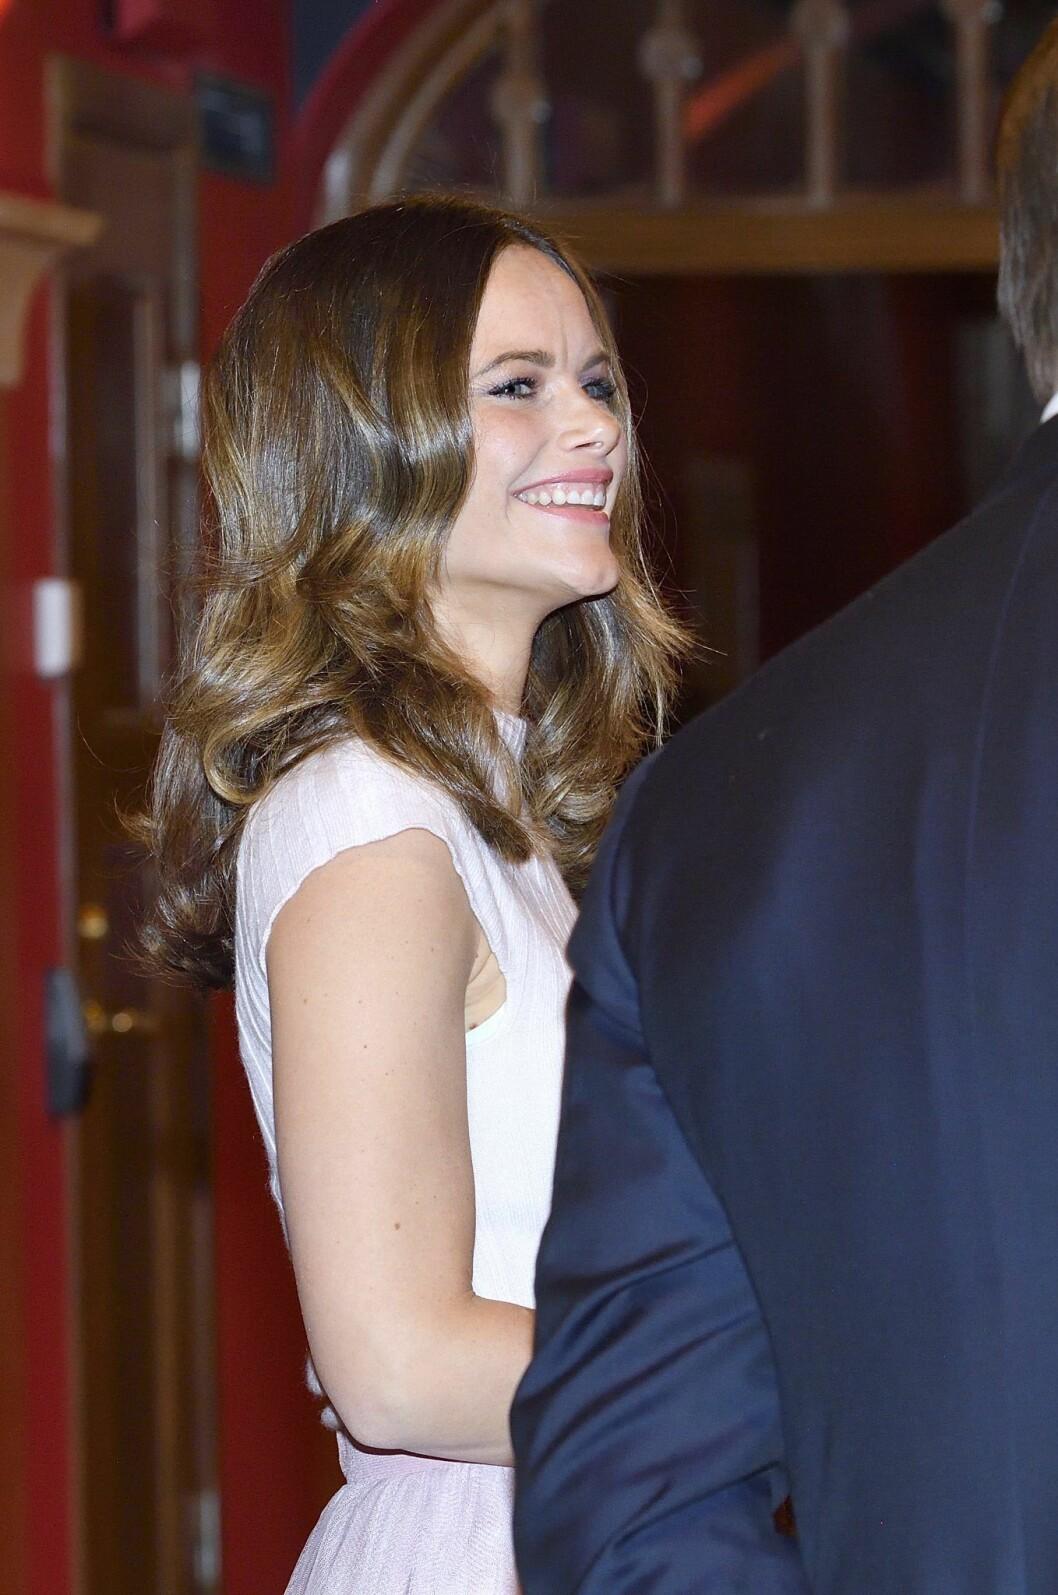 Prinsessan Sofia har ofta håret utsläppt – vilket har dolt födelsemärkena på kinden.